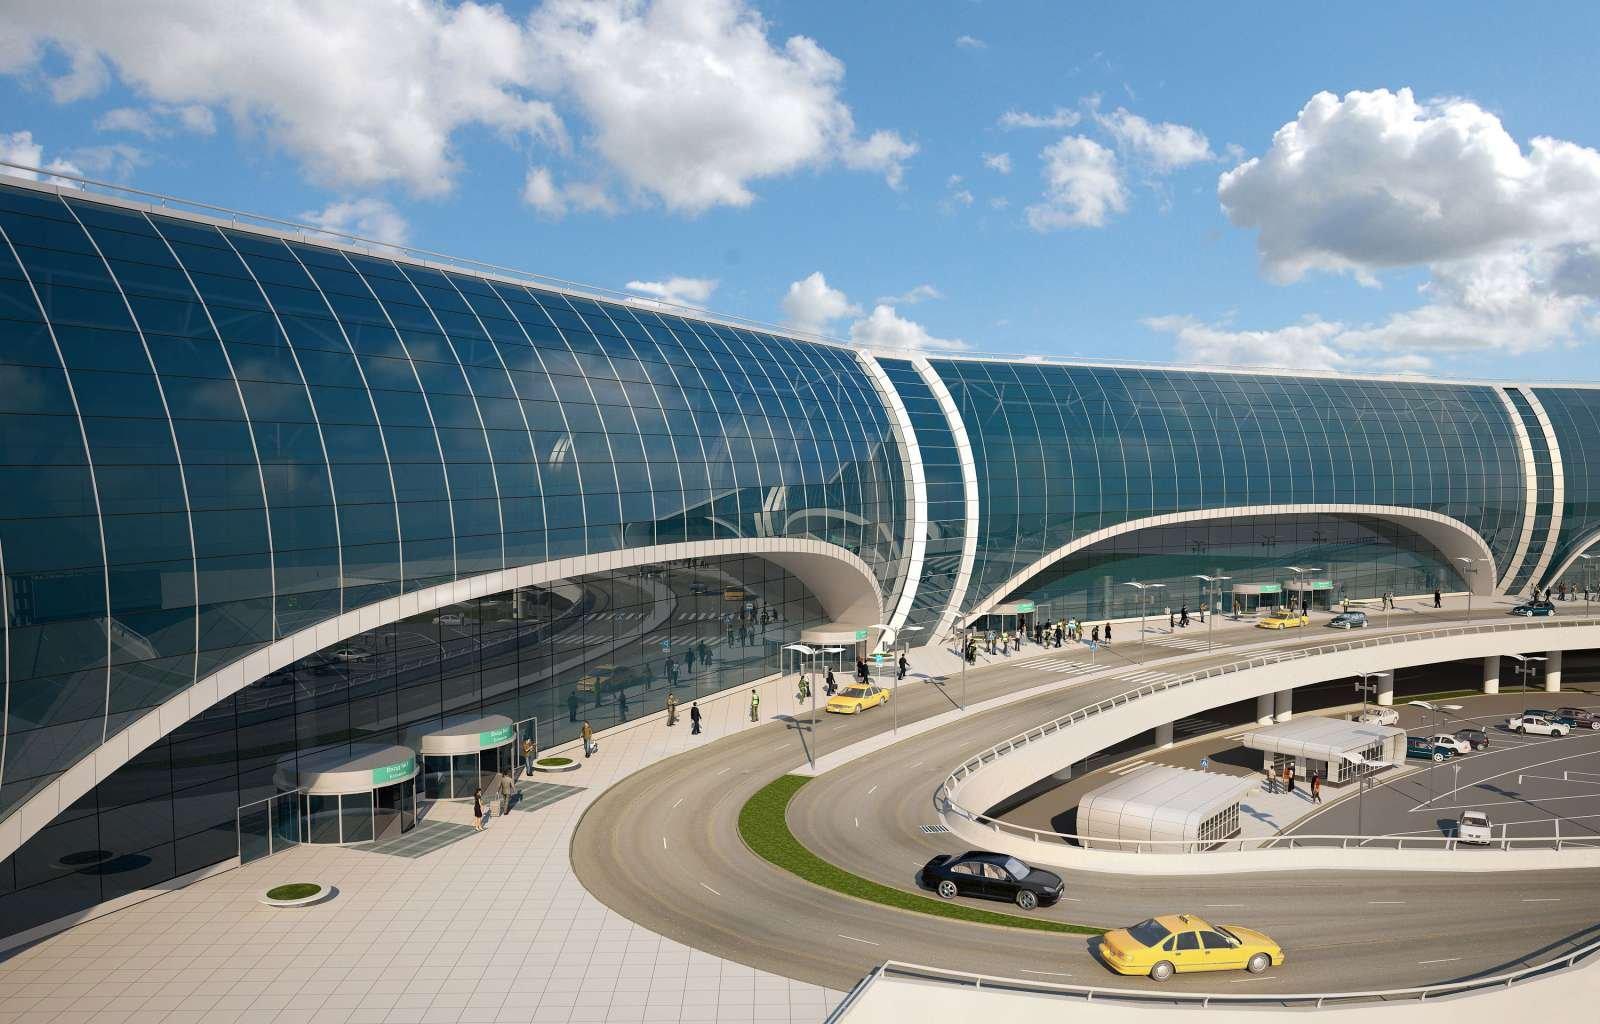 Столичные аэропорты временно закроют 11 и13апреля из-за репетиции парада